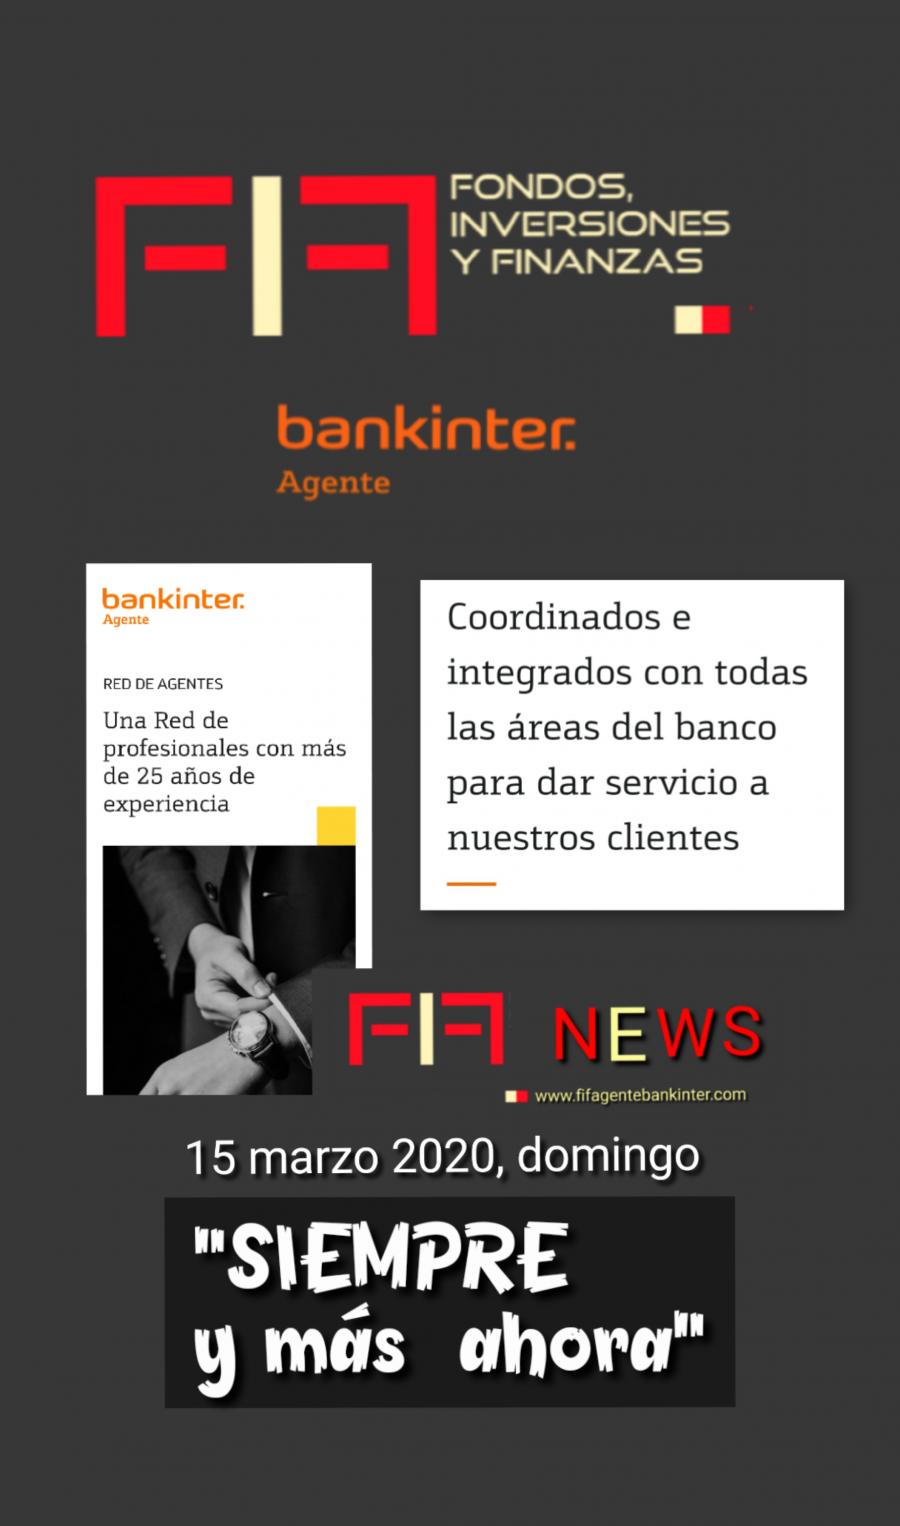 FIF NEWS domingo 15/3/2020:         «FiF, Agente BK, siempre y ahora más»